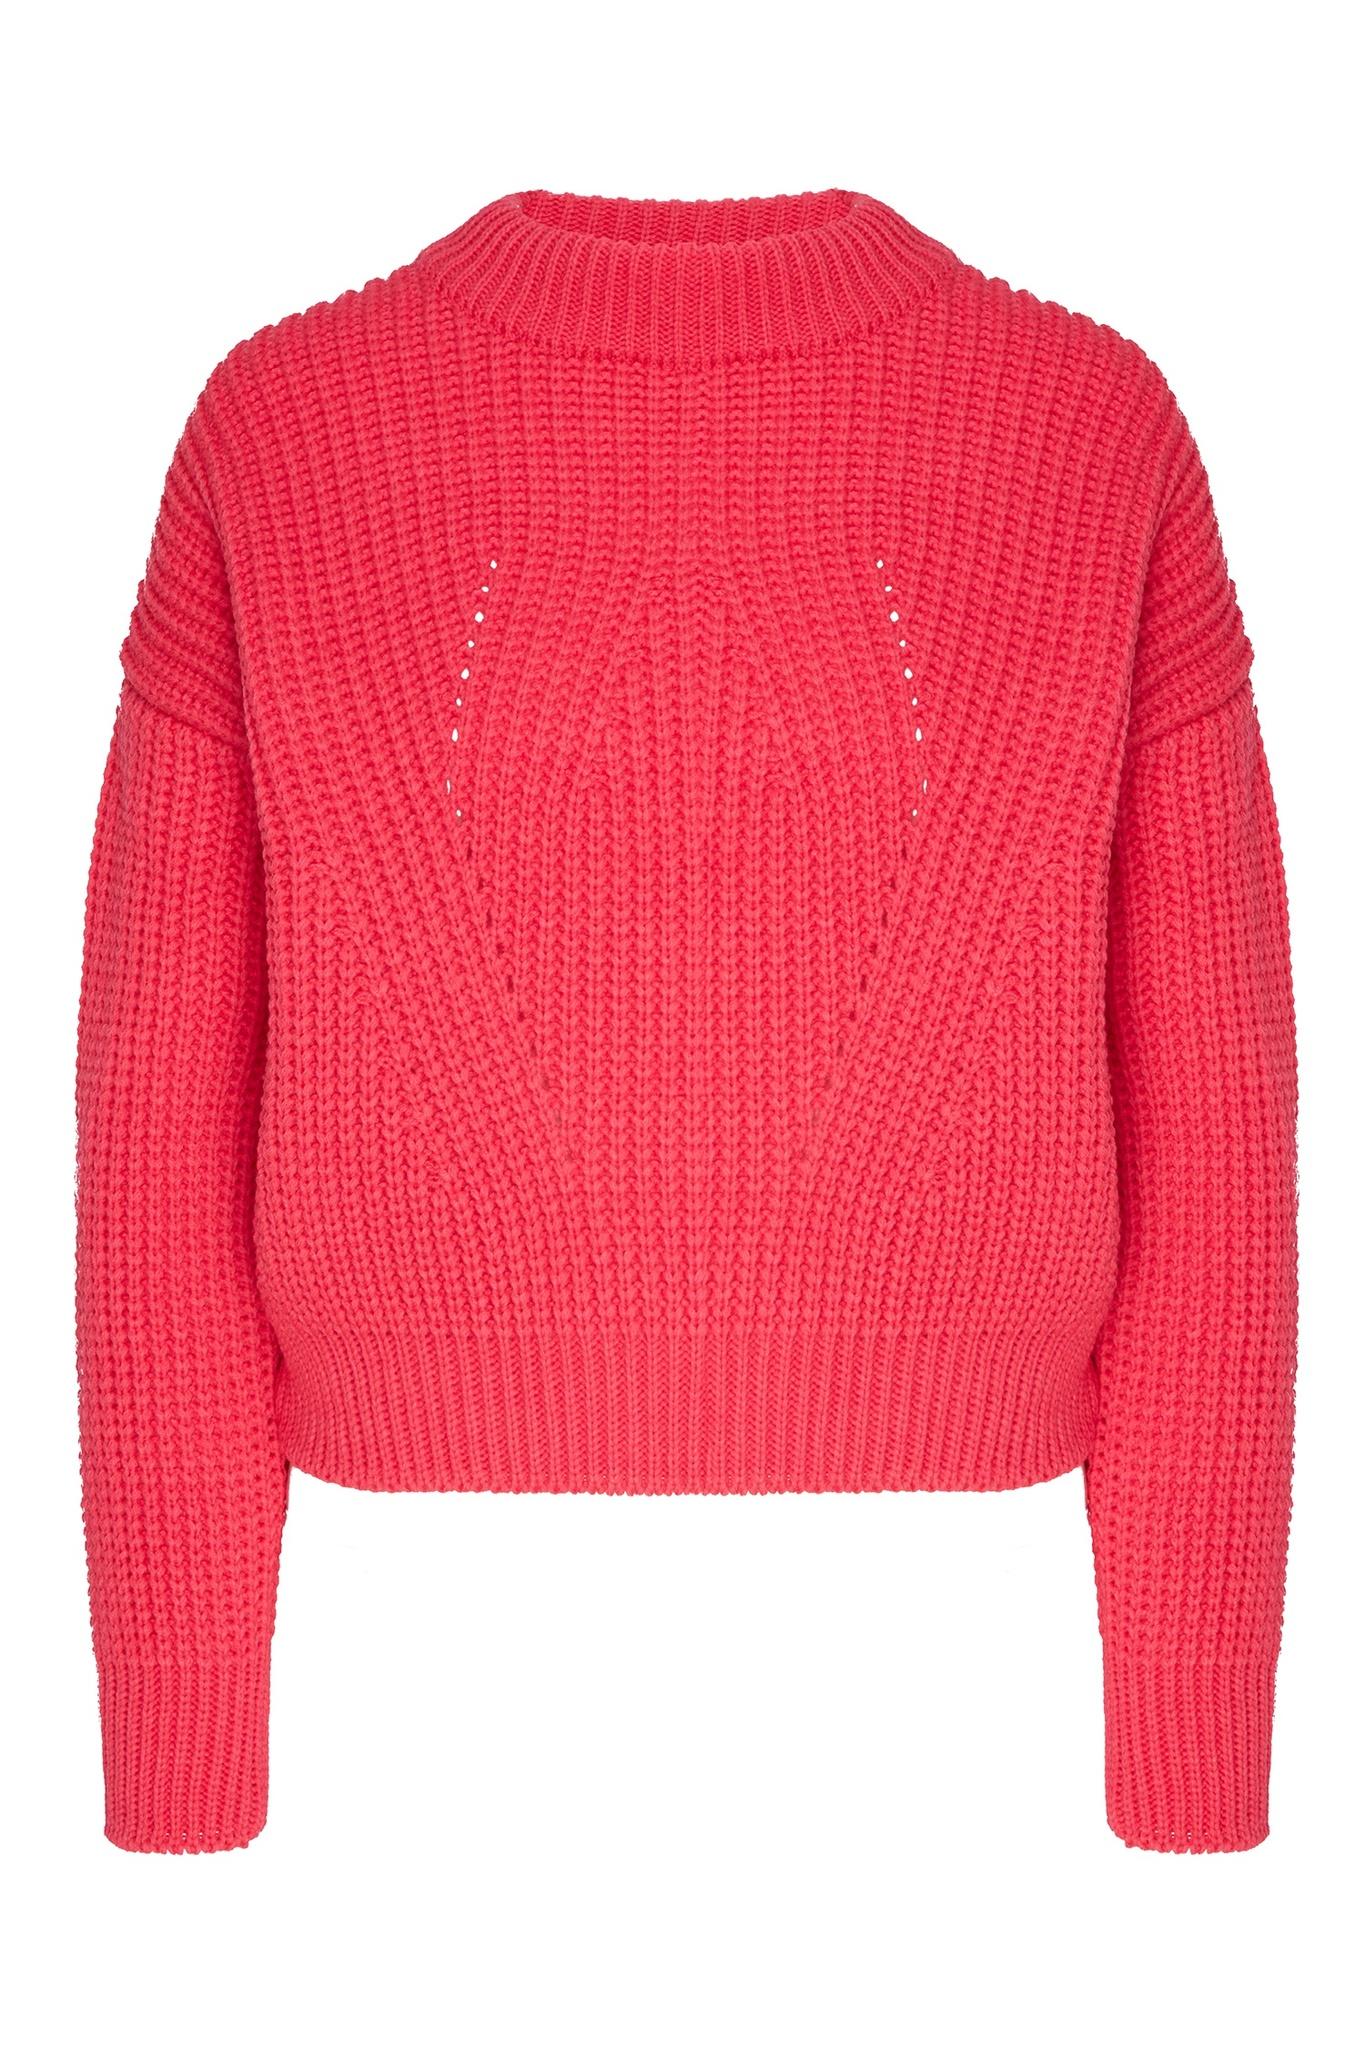 Укороченный свитер объемной вязки (SS0296)